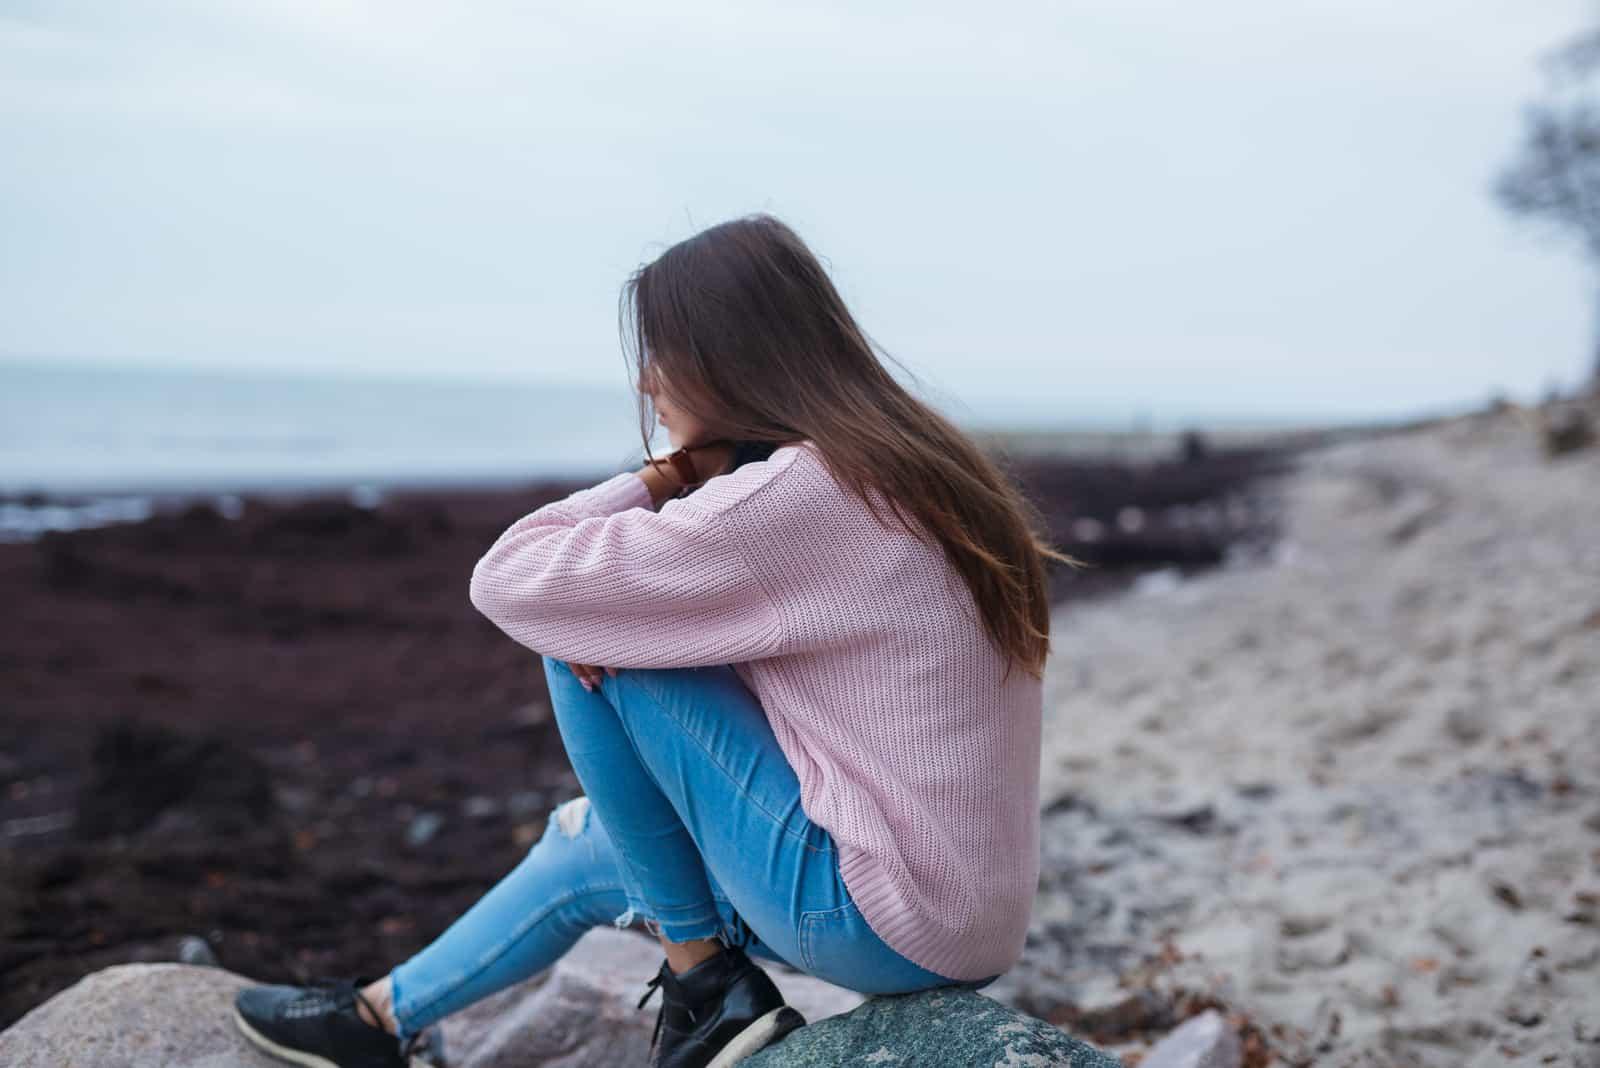 eine imaginäre Frau, die am Ufer sitzt